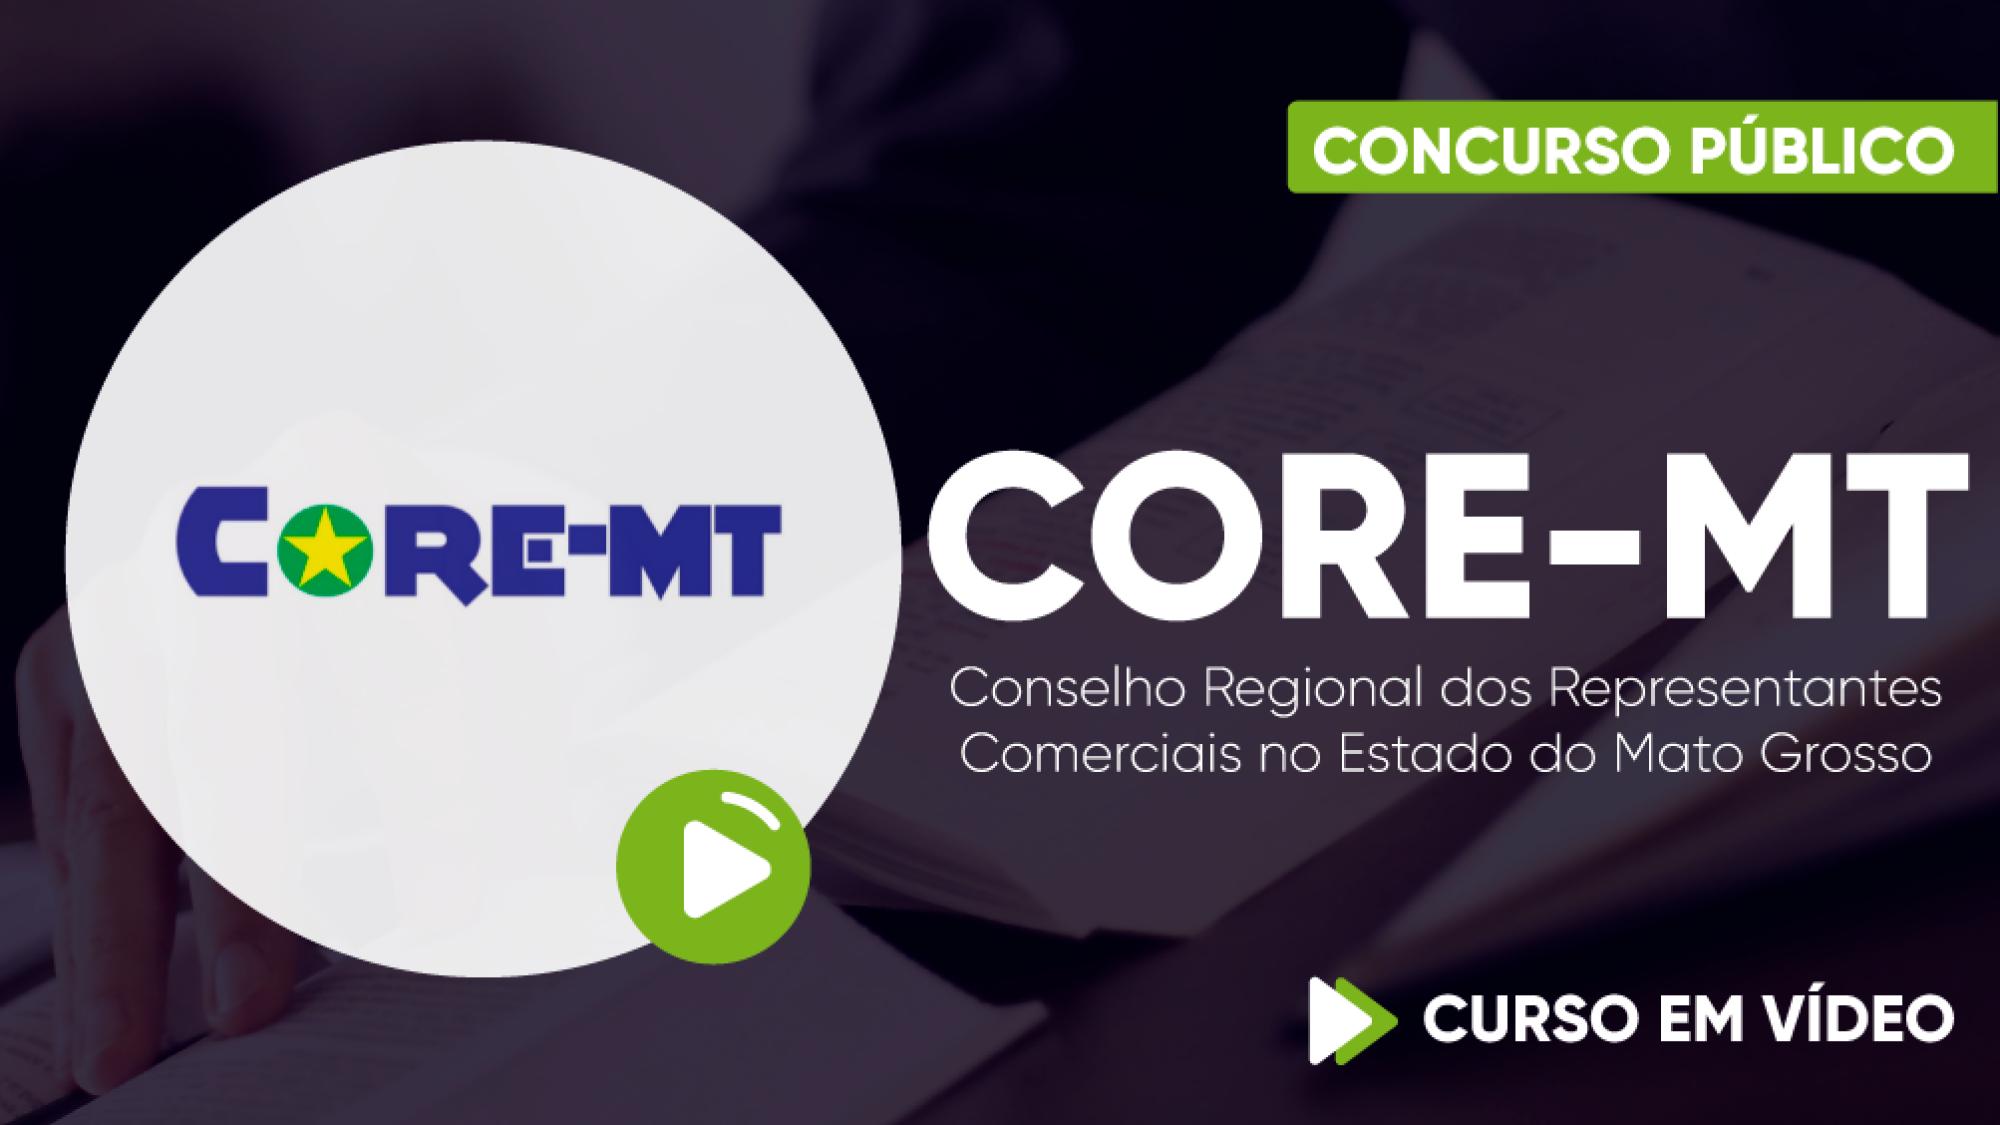 Capa - CORE-MT - Conselho Regional dos Representantes Comerciais no Estado do Mato Grosso - Assistente Administrativo